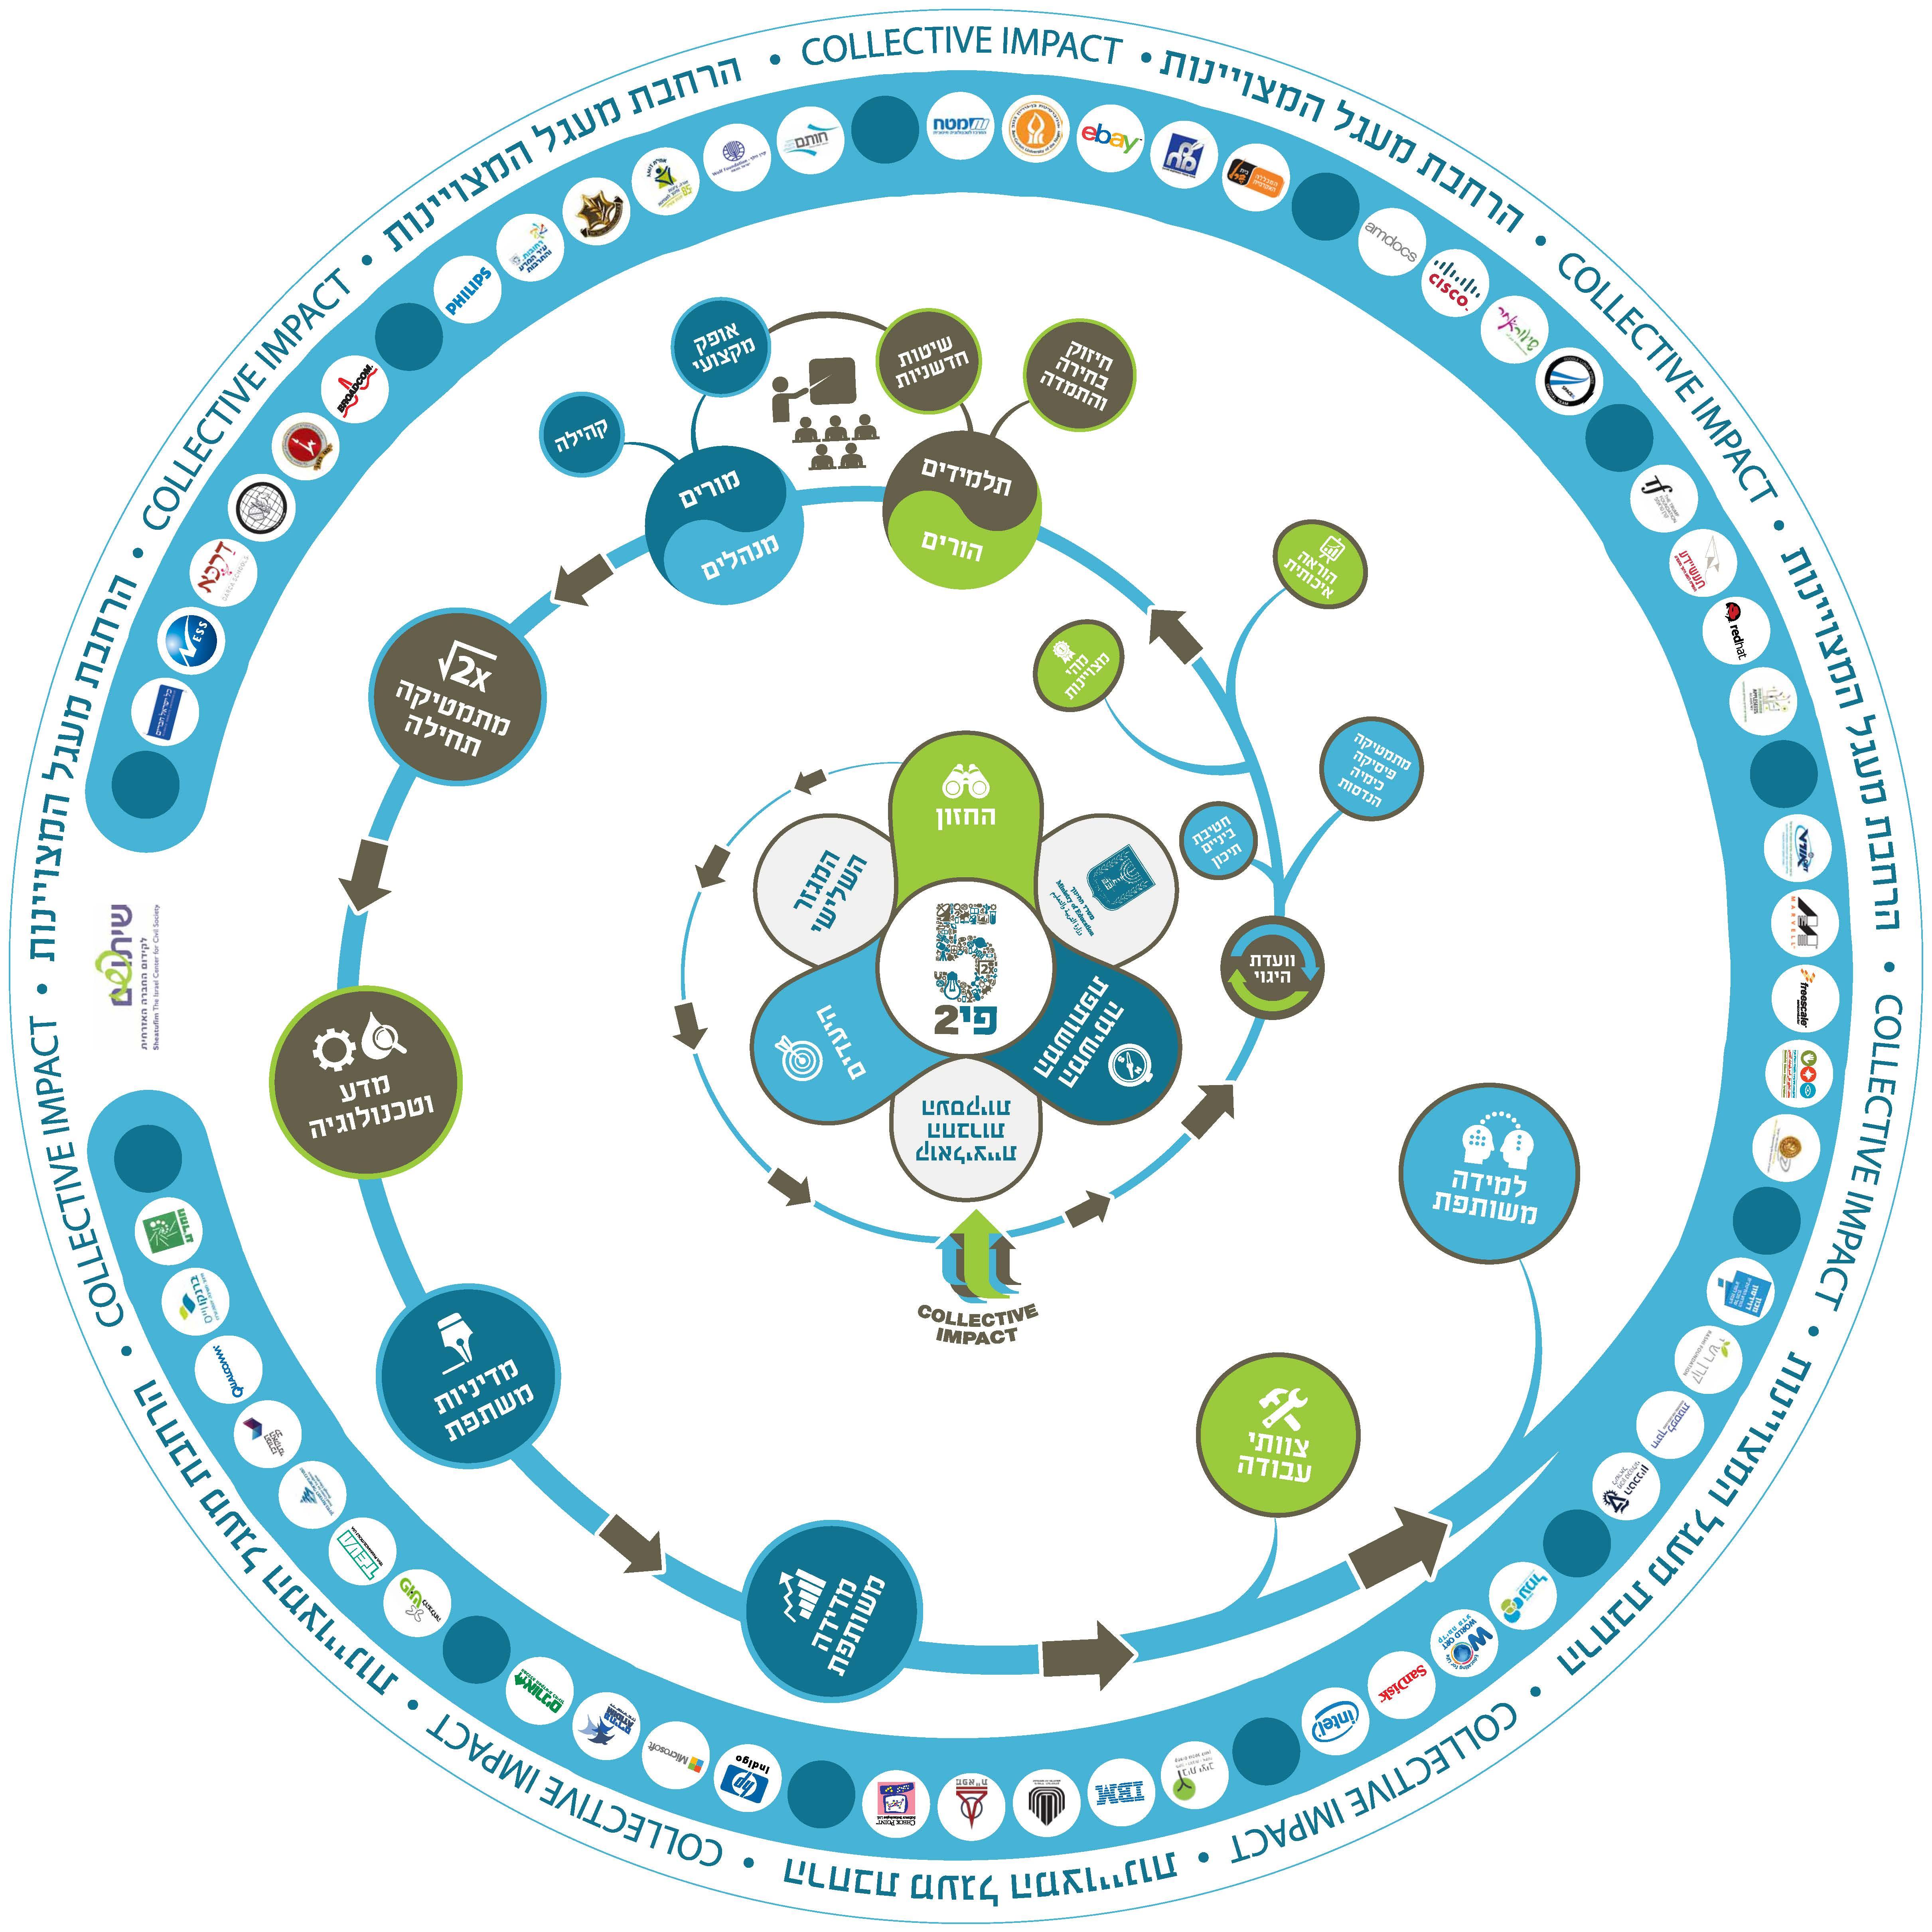 הצגת תהליך עבור מפגש רשת השותפים